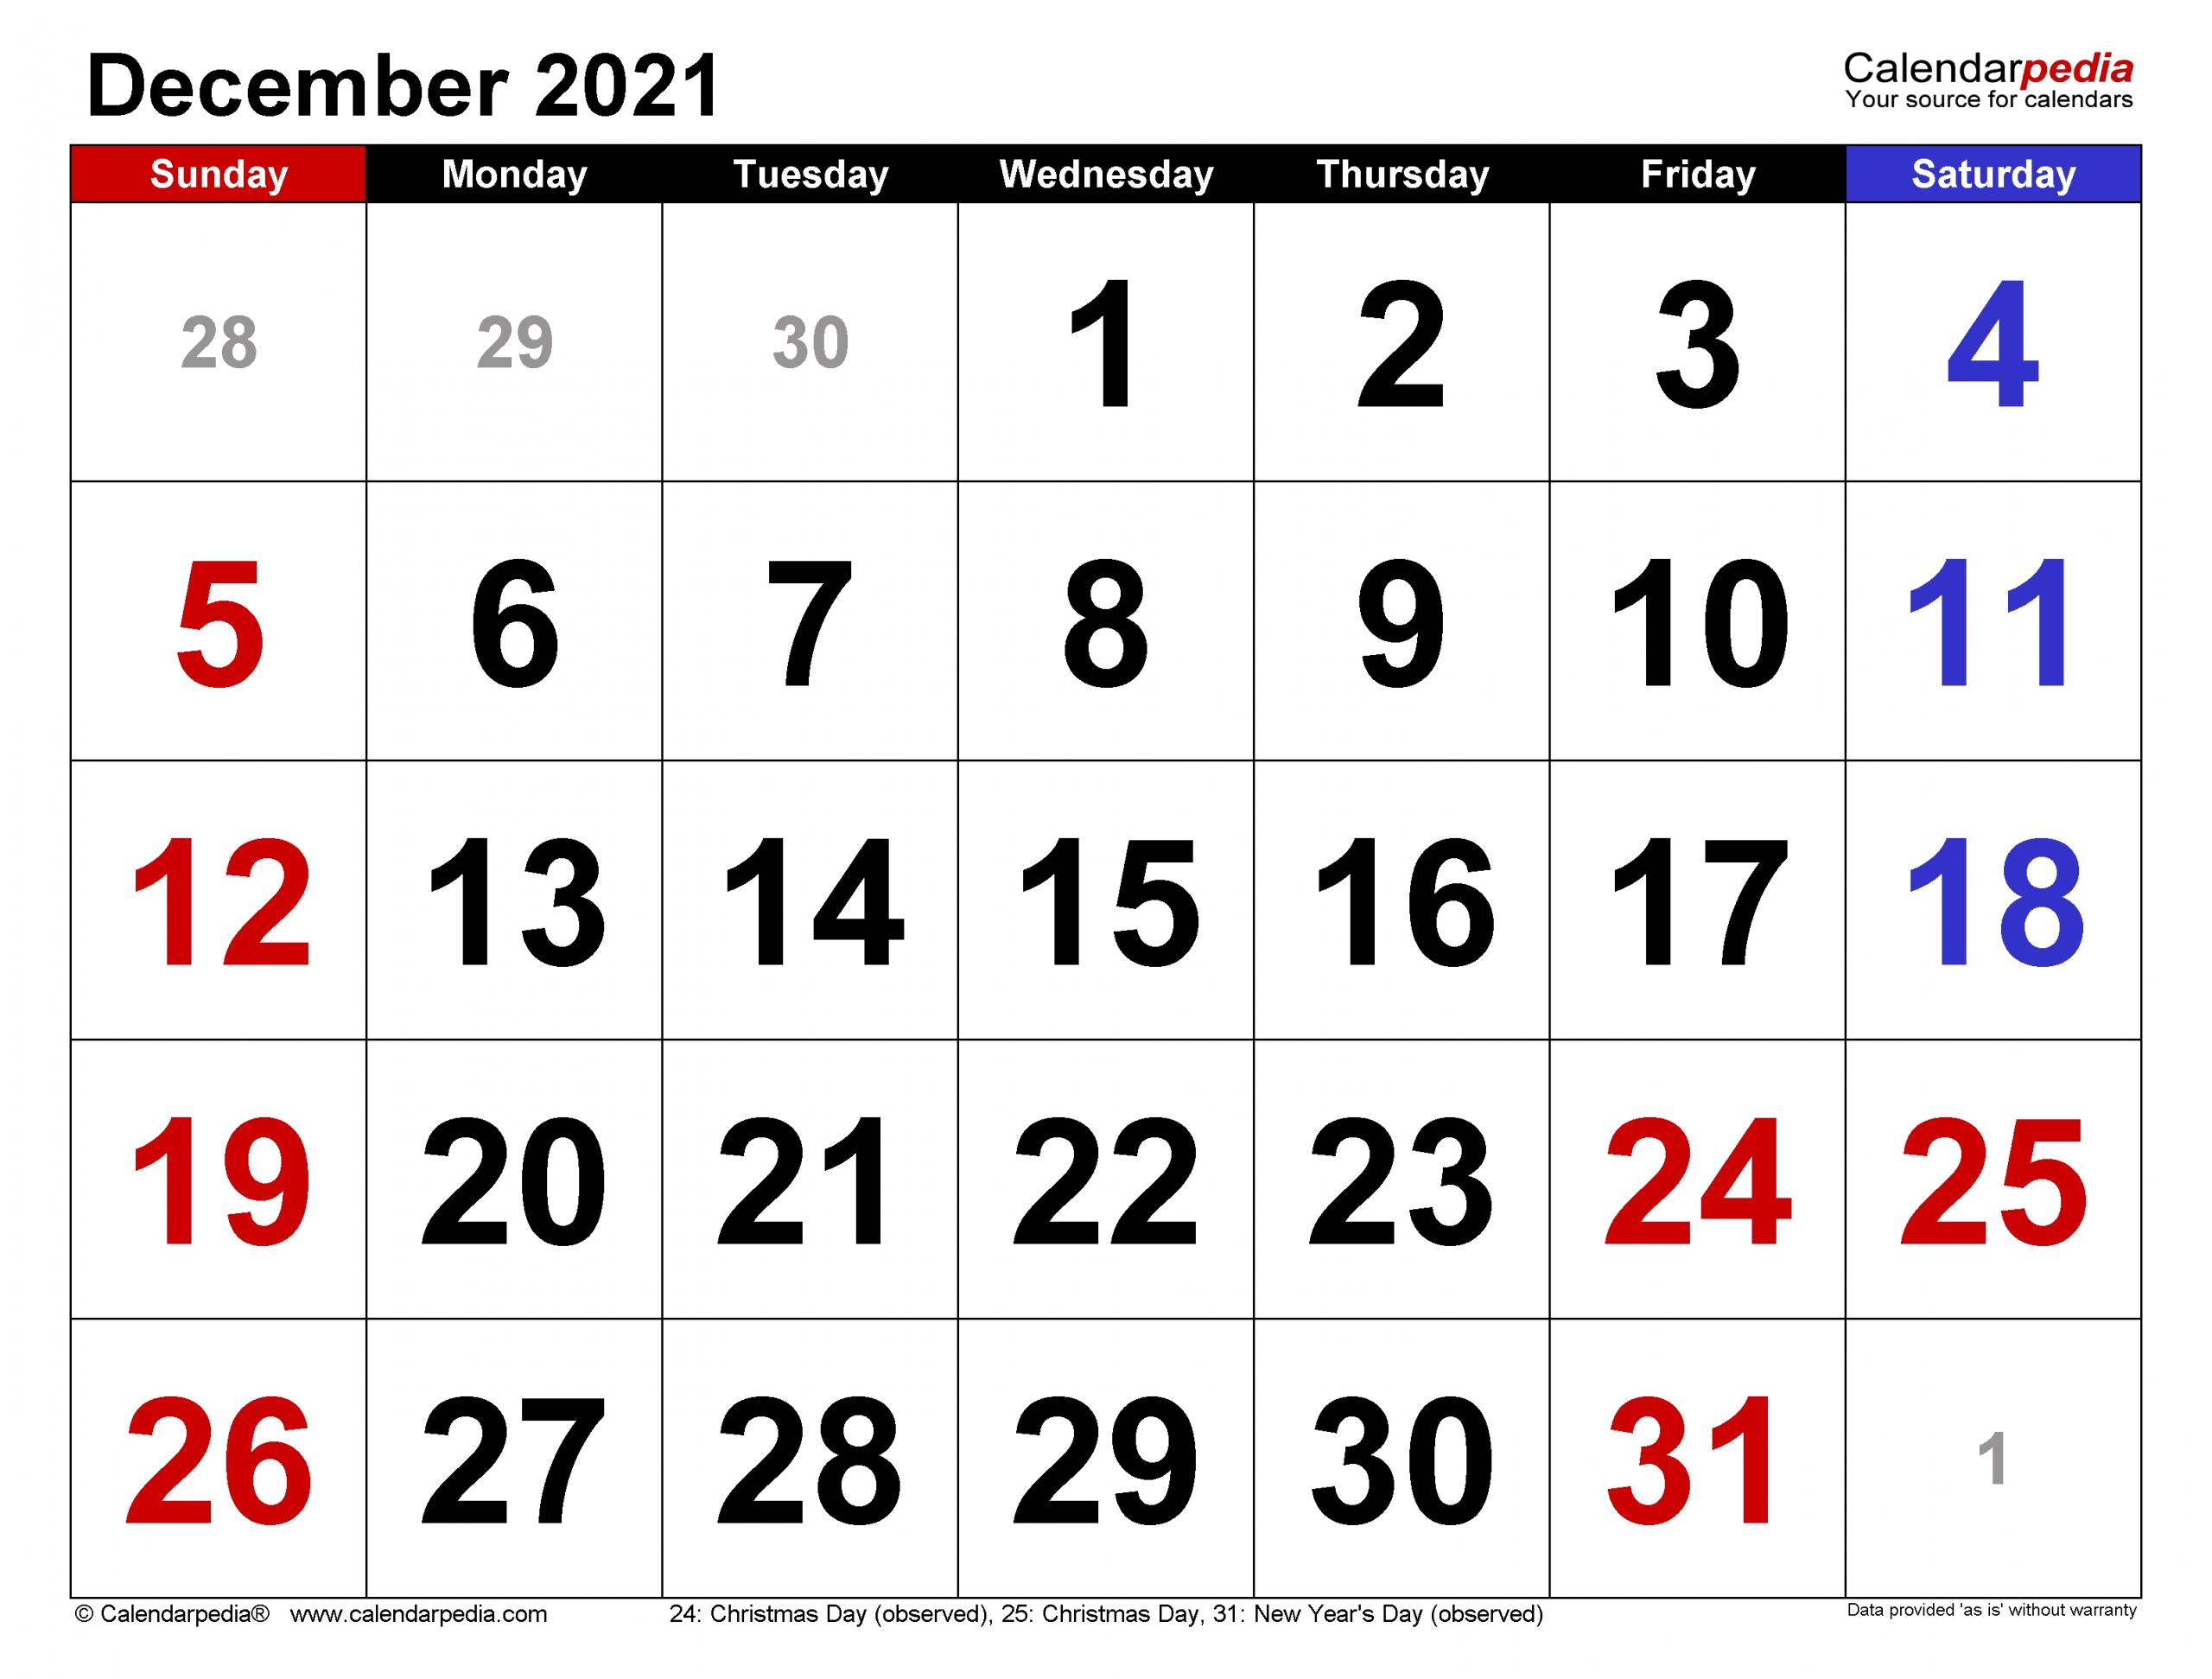 Collect 2021 Calendar Printable December Christmas